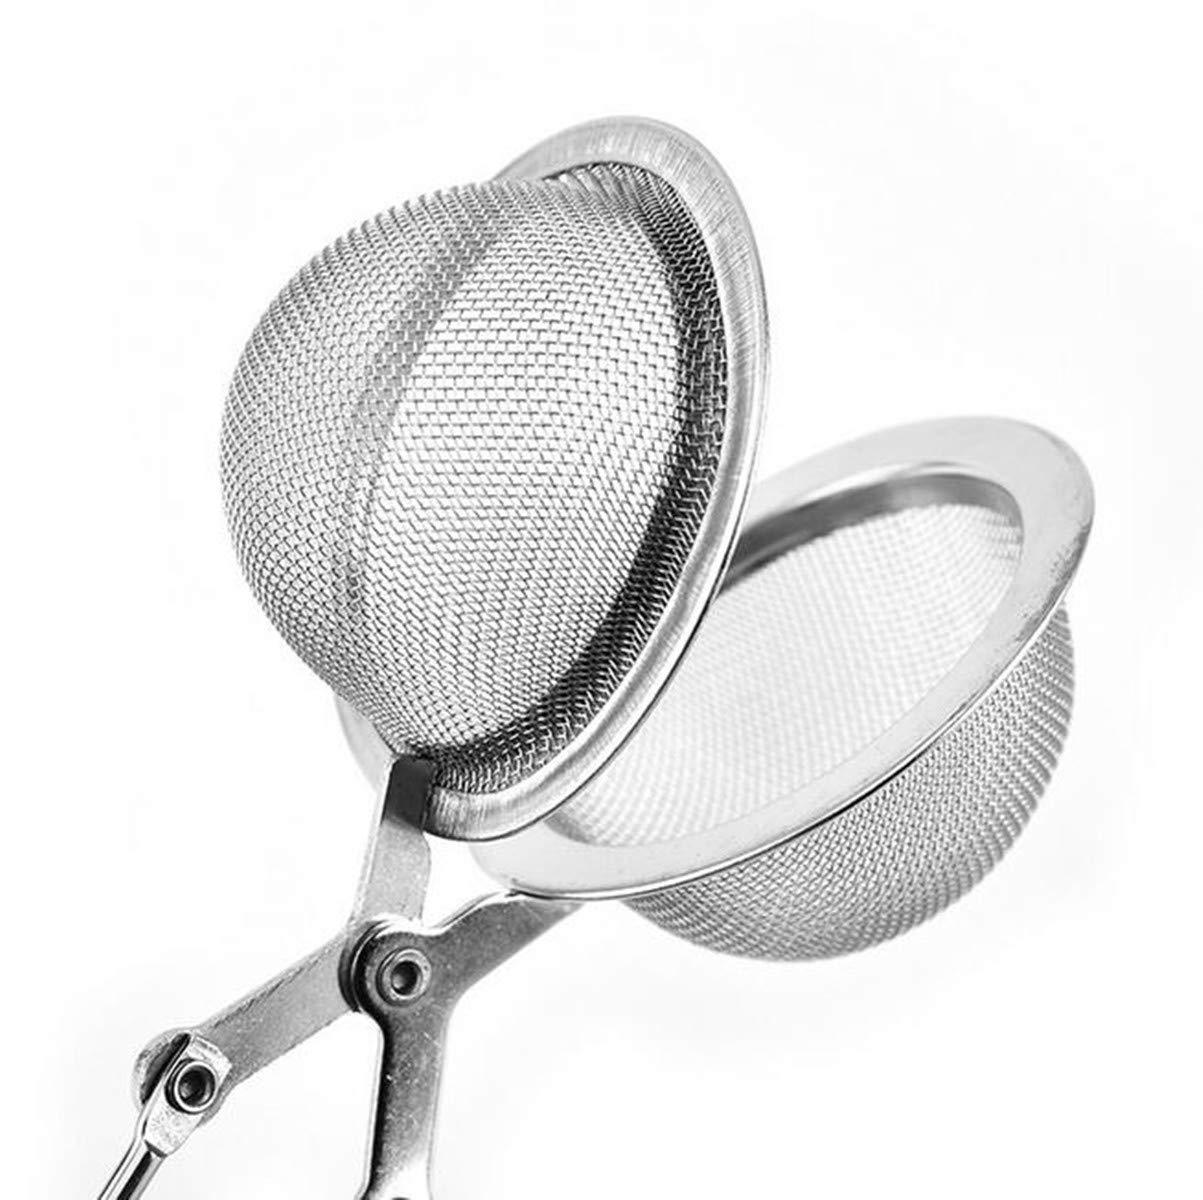 Rocita 2pcs infuseur /à th/é en Acier Inoxydable de premi/ère qualit/é avec Filtre /à th/é avec cha/îne pour Les Tasses et Les Pots /à th/é en Vrac Format Boule